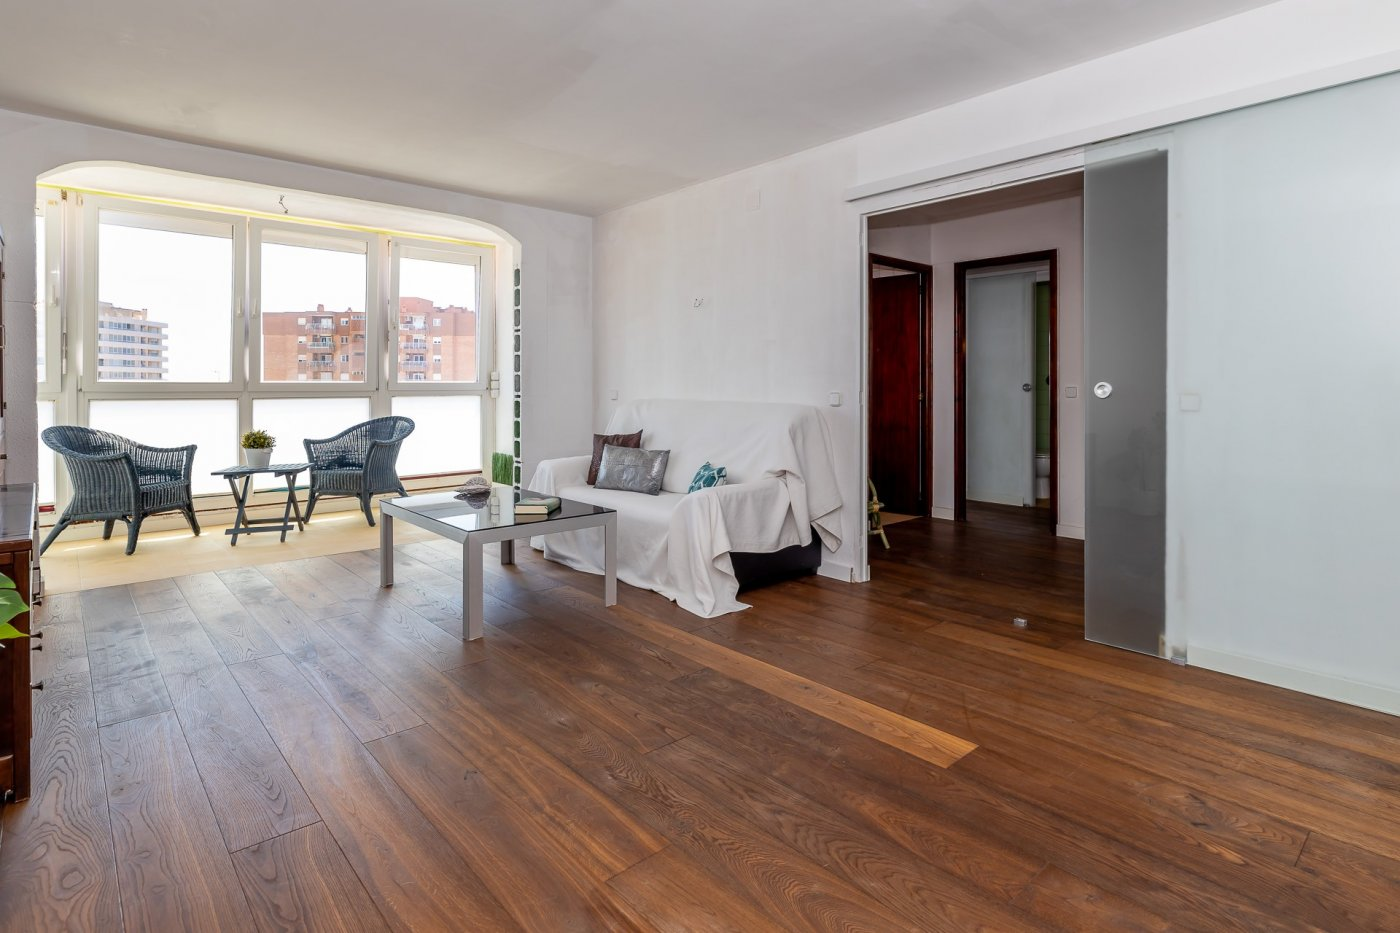 Coqueto apartamento cerca de porto pi, palma - imagenInmueble5